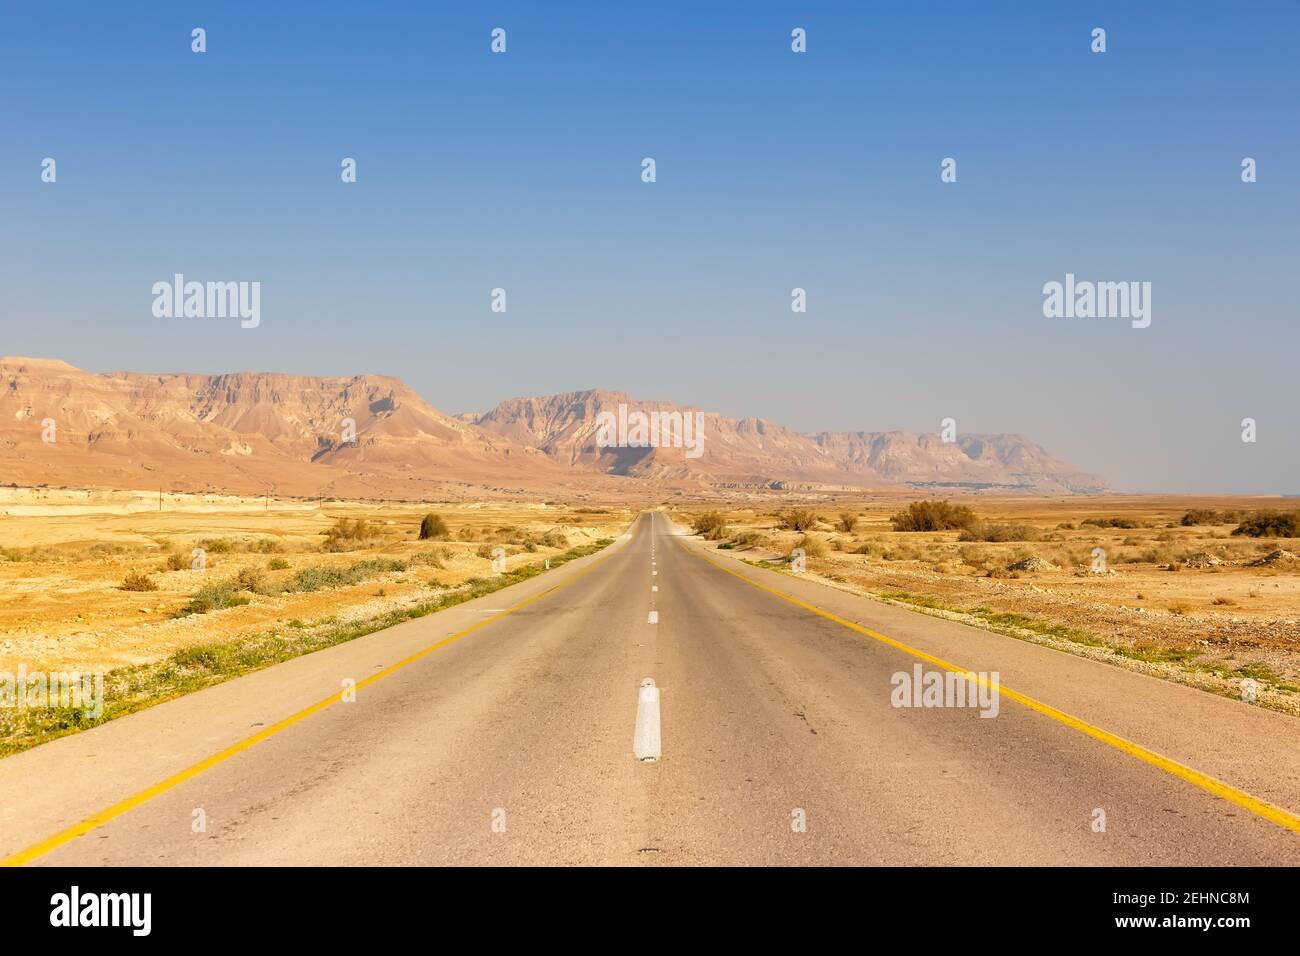 Carretera sin fin conducir vacío desierto paisaje copyspace copiar espacio distancia infinita Foto de stock